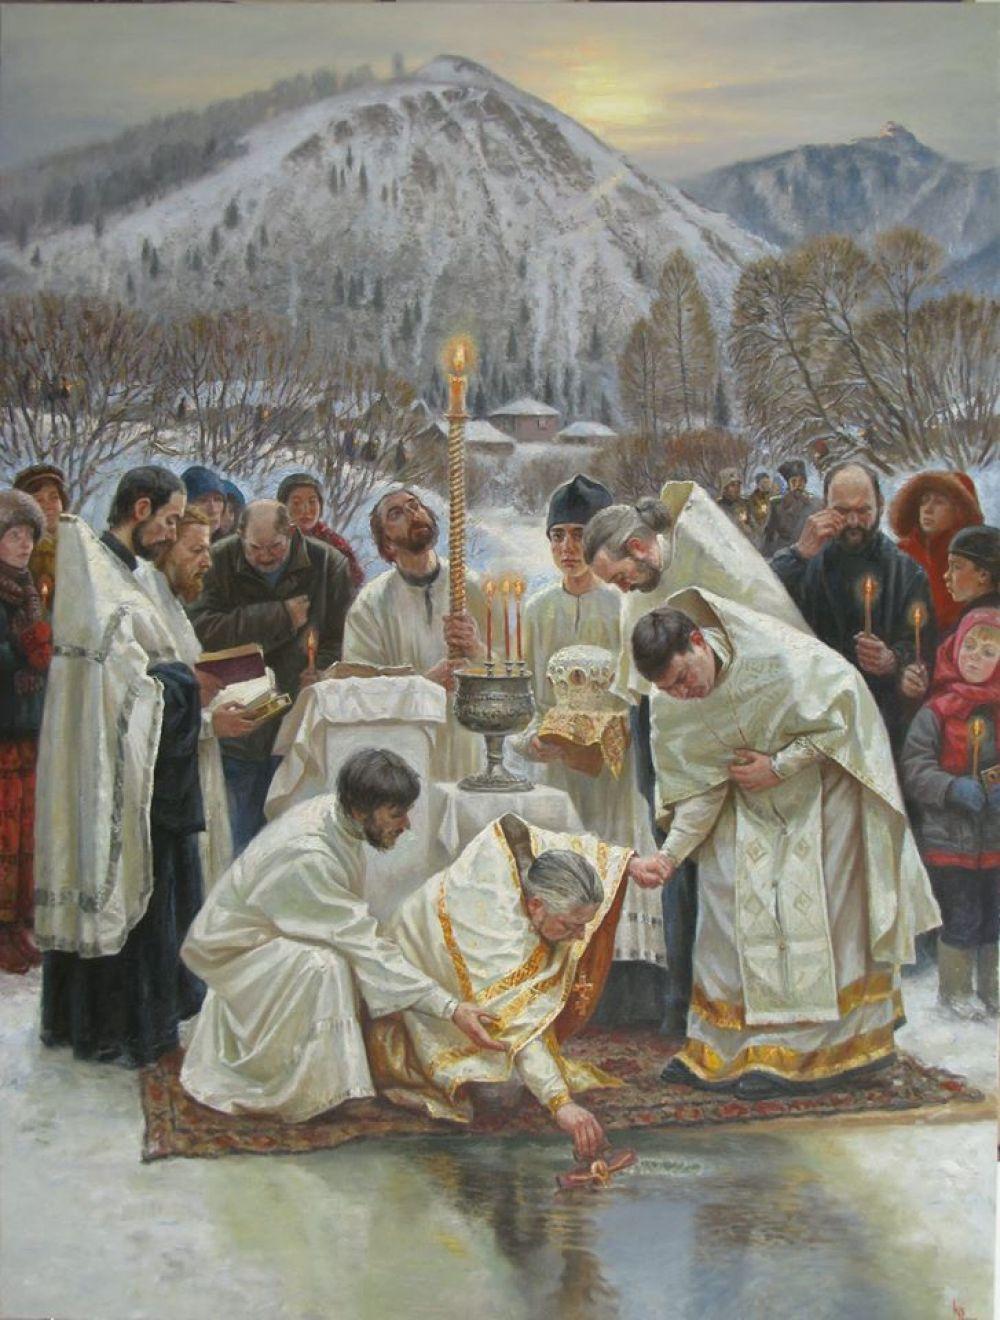 Художник Константин Войнов запечатлел на своей картине освящение иордани перед купаниями в реке Базаихе.